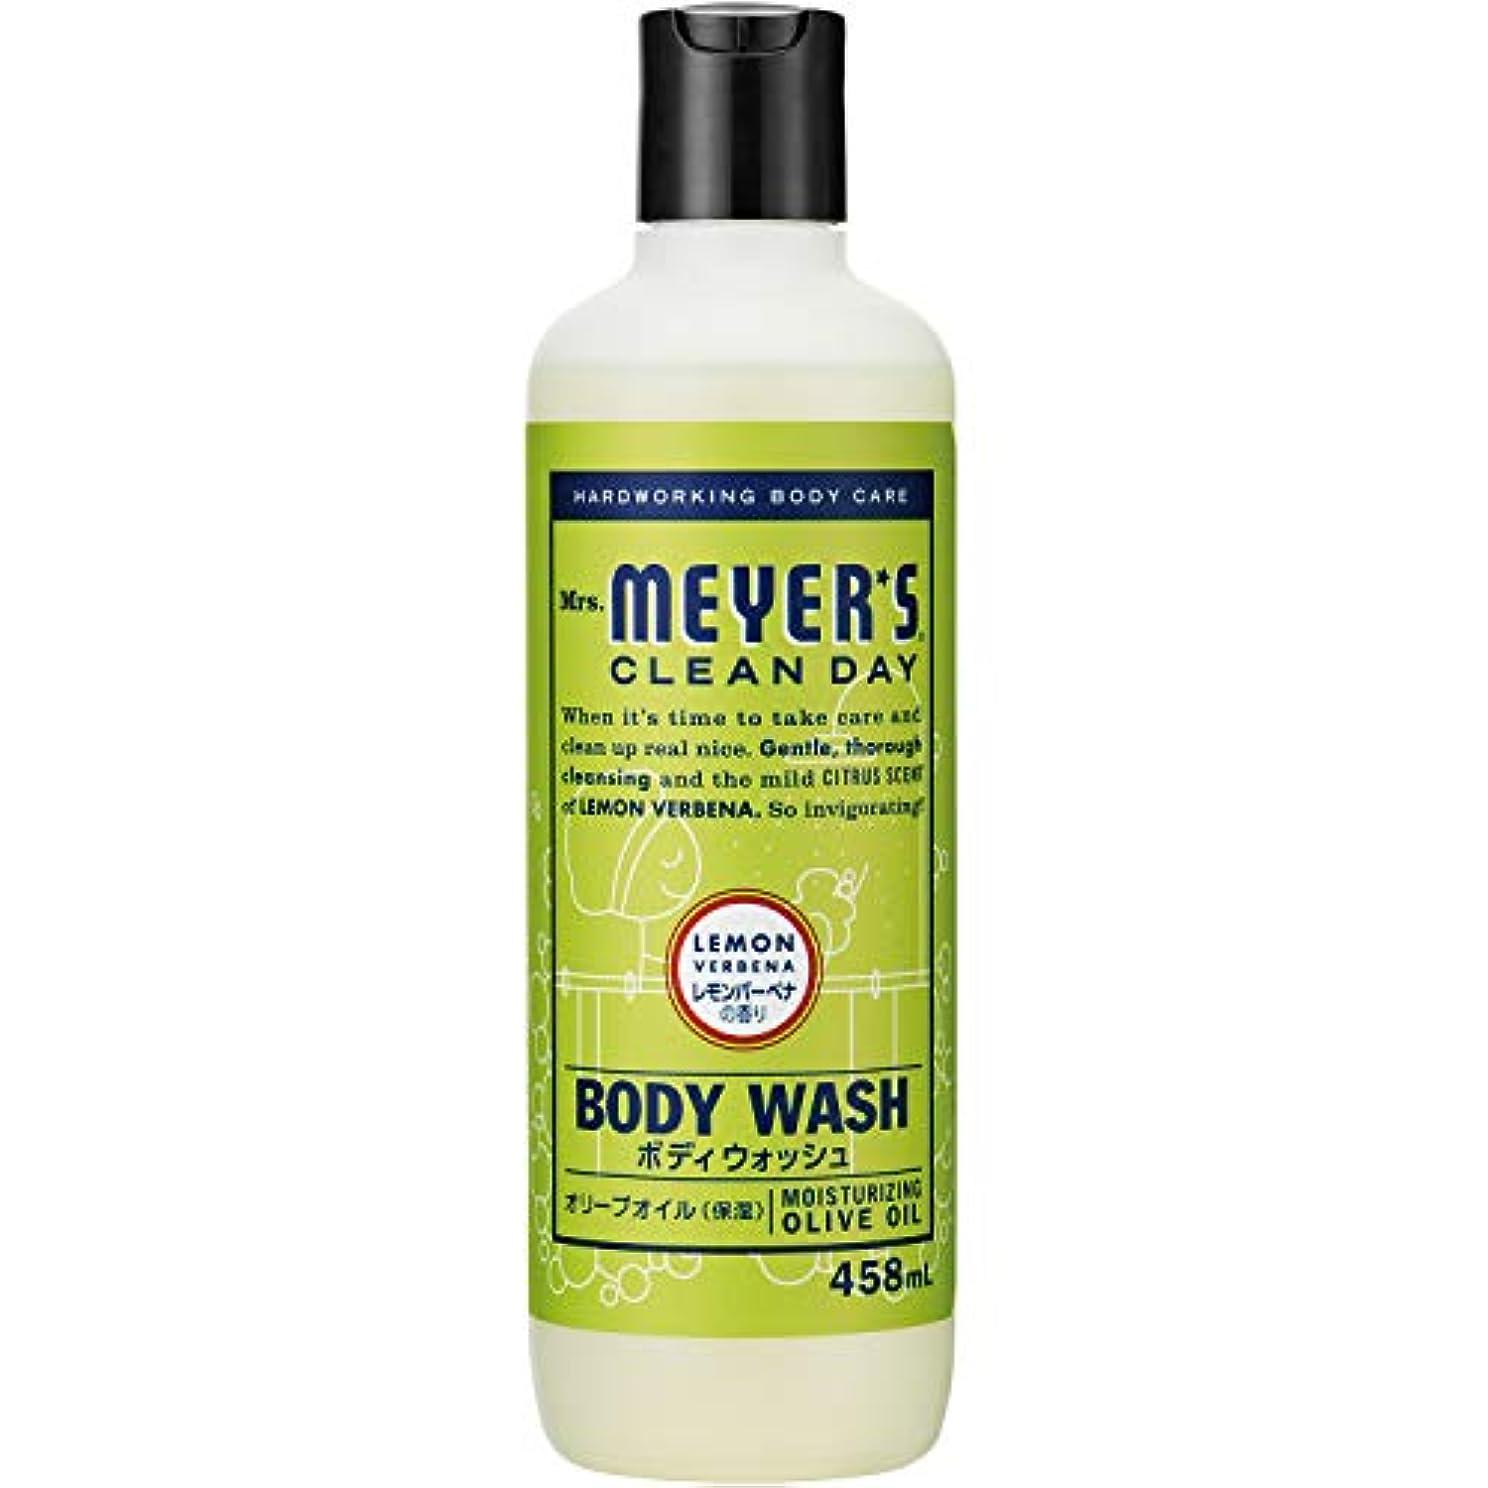 支給嫌がるカタログMrs. MEYER'S CLEAN DAY(ミセスマイヤーズ クリーンデイ) ミセスマイヤーズ クリーンデイ(Mrs.Meyers Clean Day) ボディウォッシュ レモンバーベナの香り 458ml ボディソープ